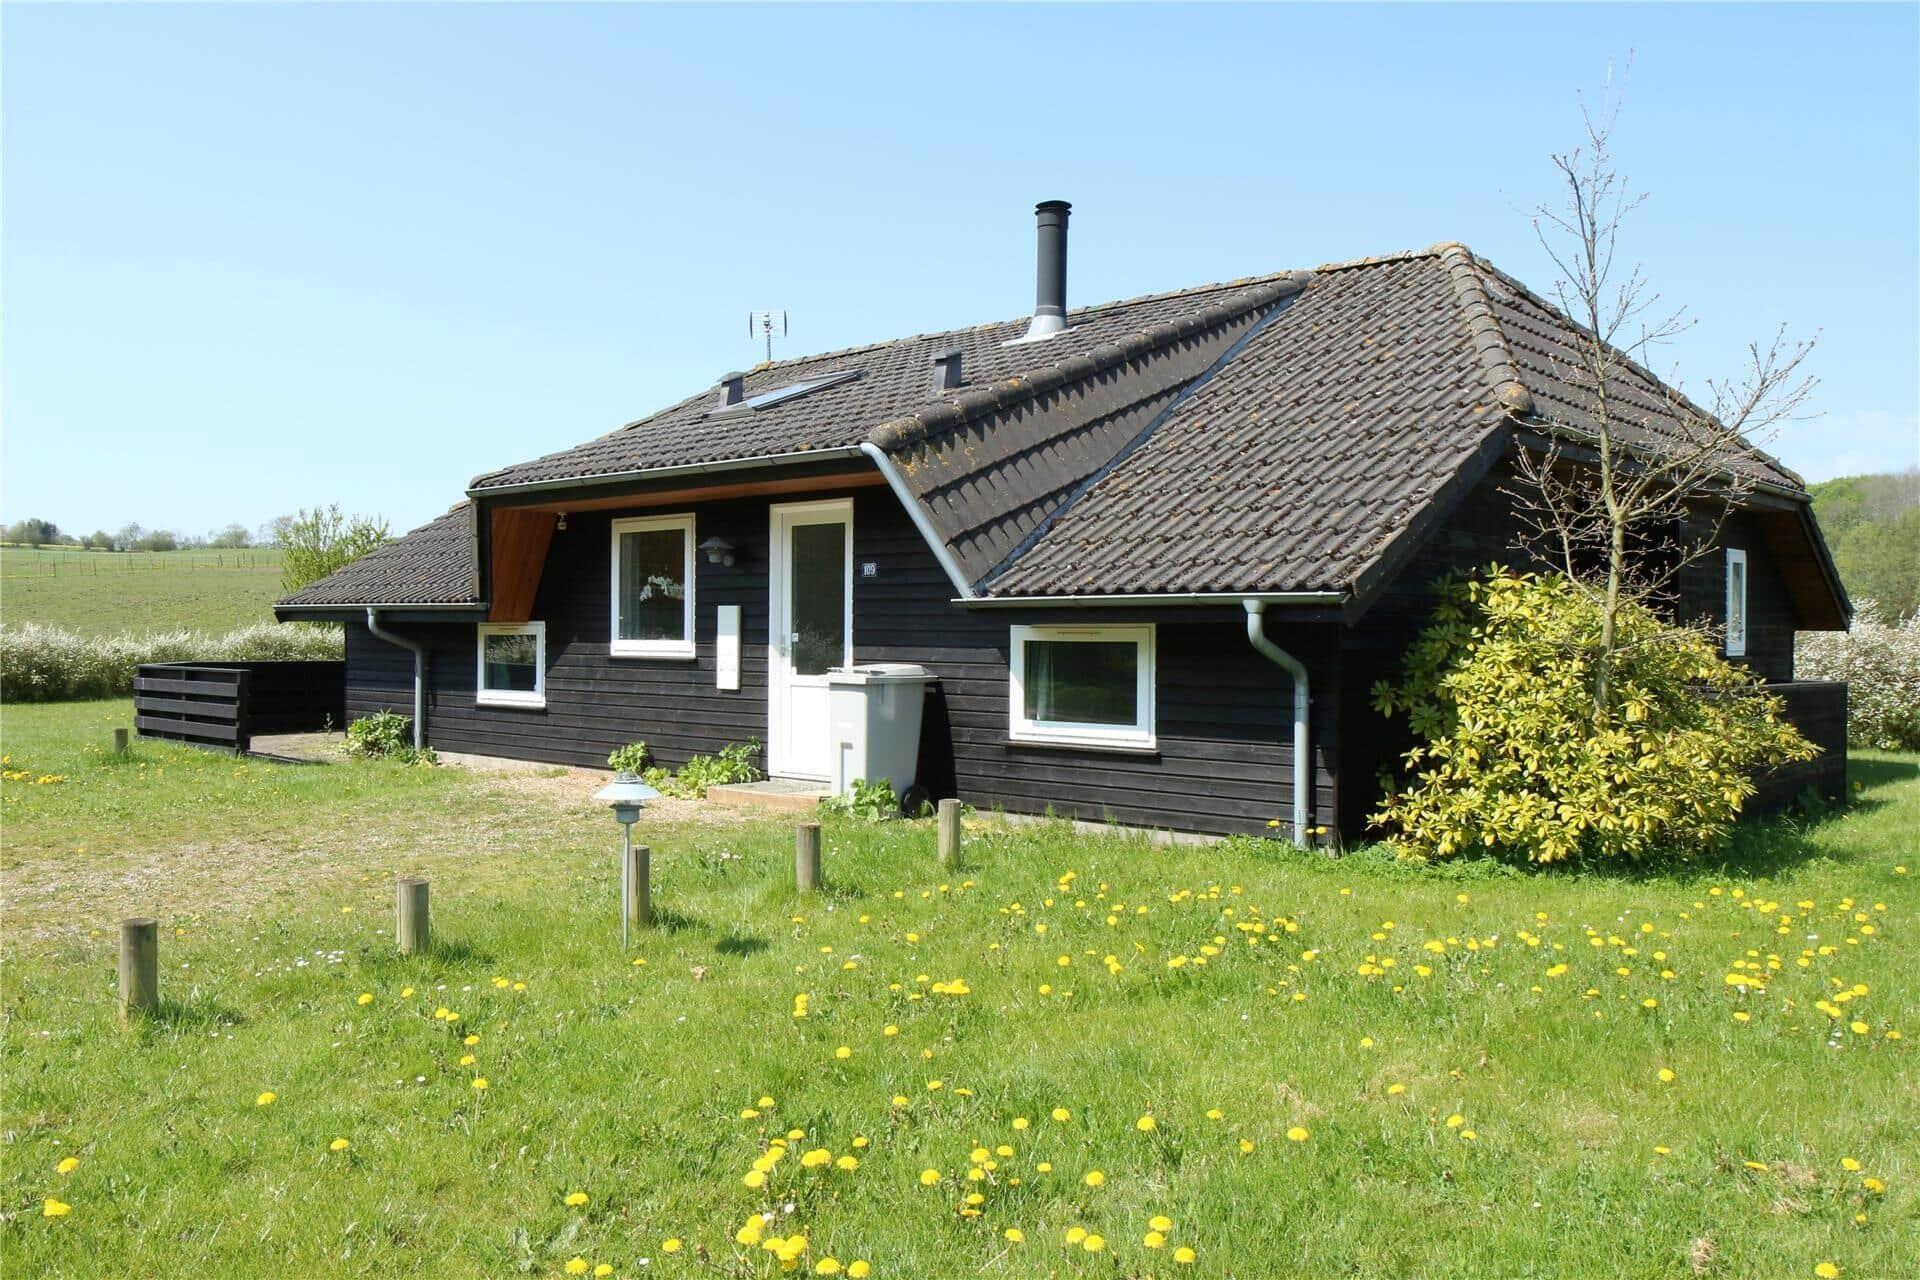 Afbeelding 1-3 Vakantiehuis M64229, Stjernevej 109, DK - 5500 Middelfart